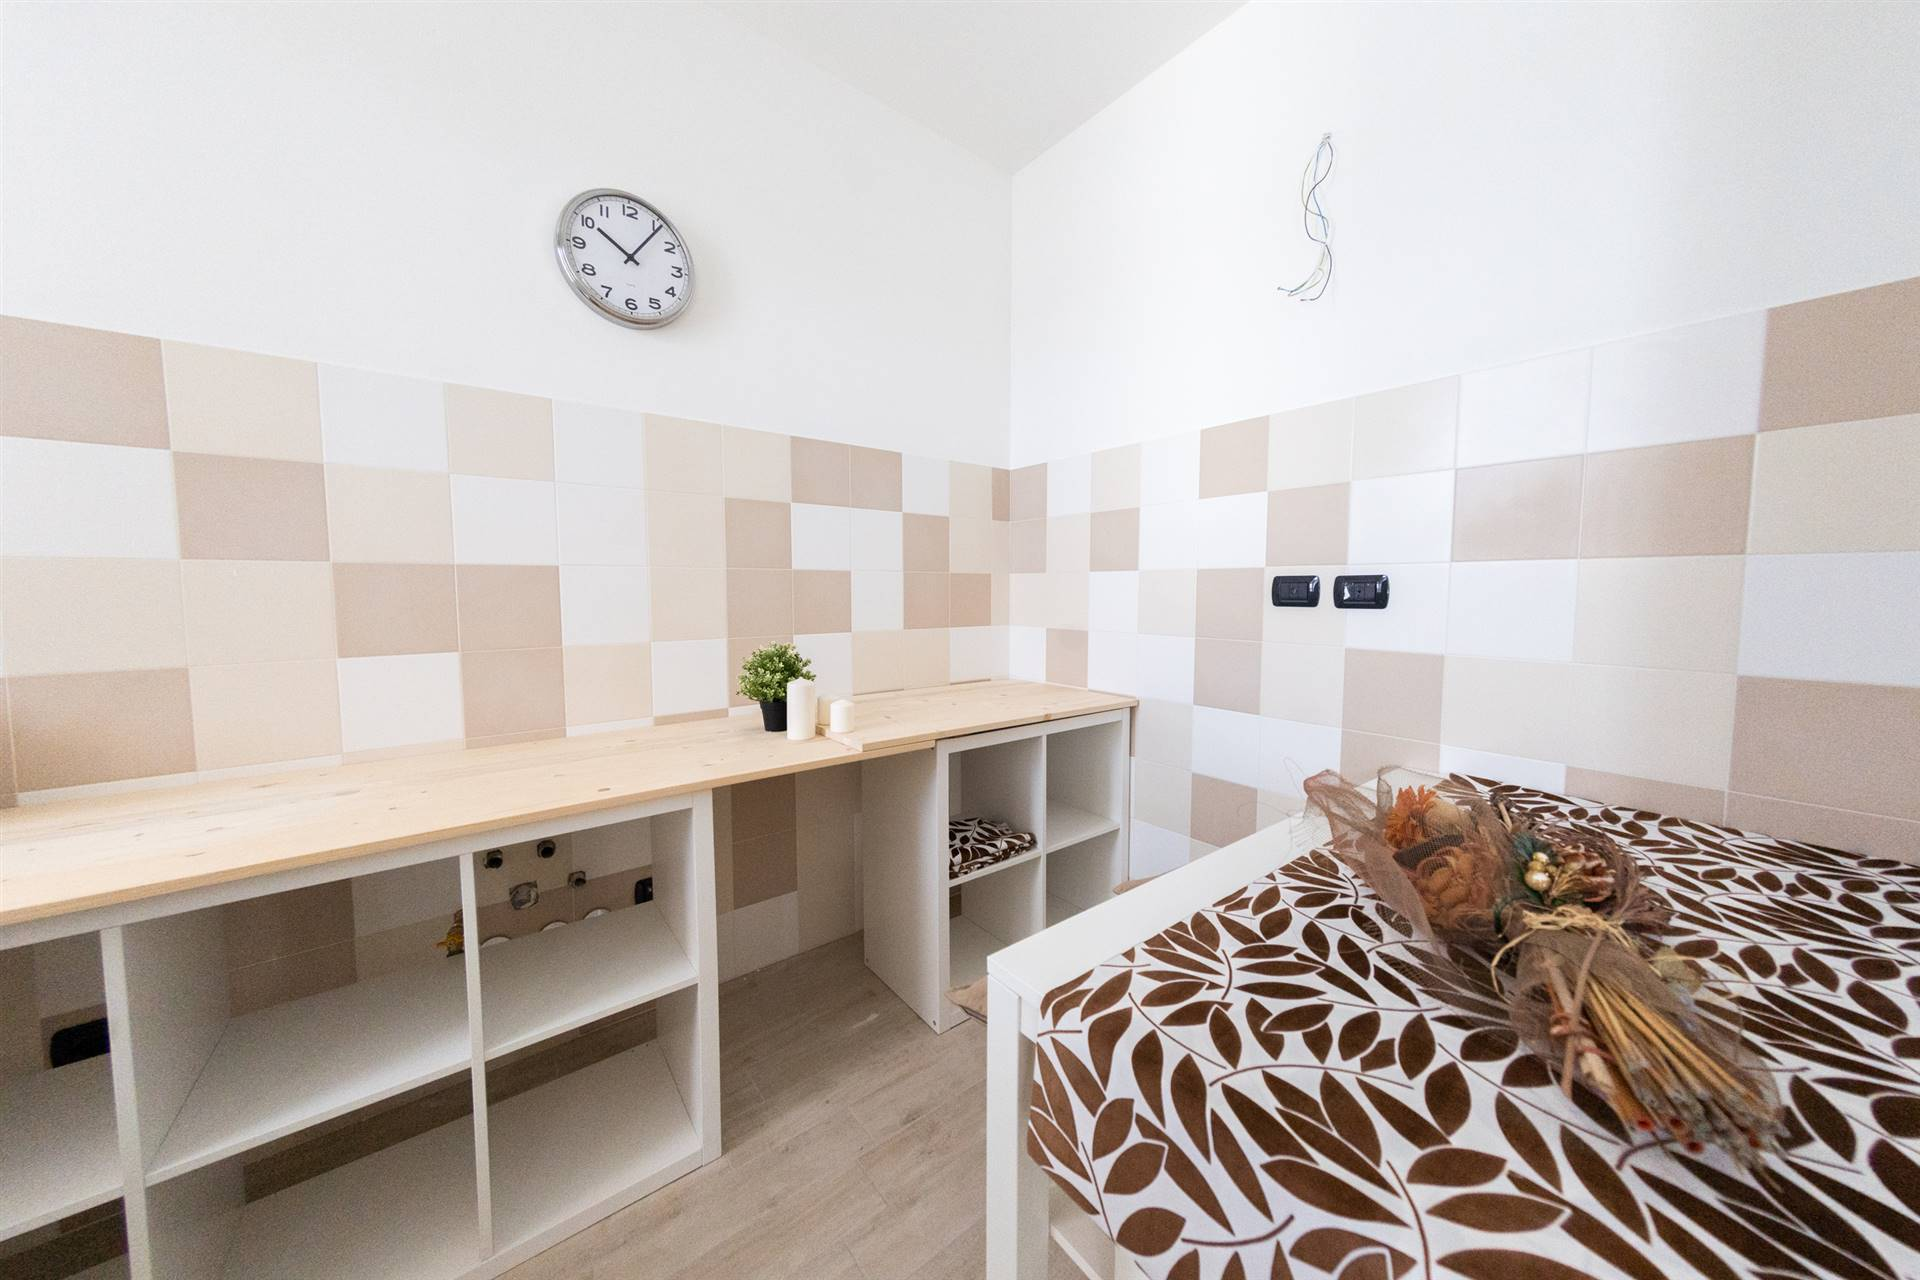 Appartamento in vendita a Cornate d'Adda, 2 locali, prezzo € 114.000 | CambioCasa.it